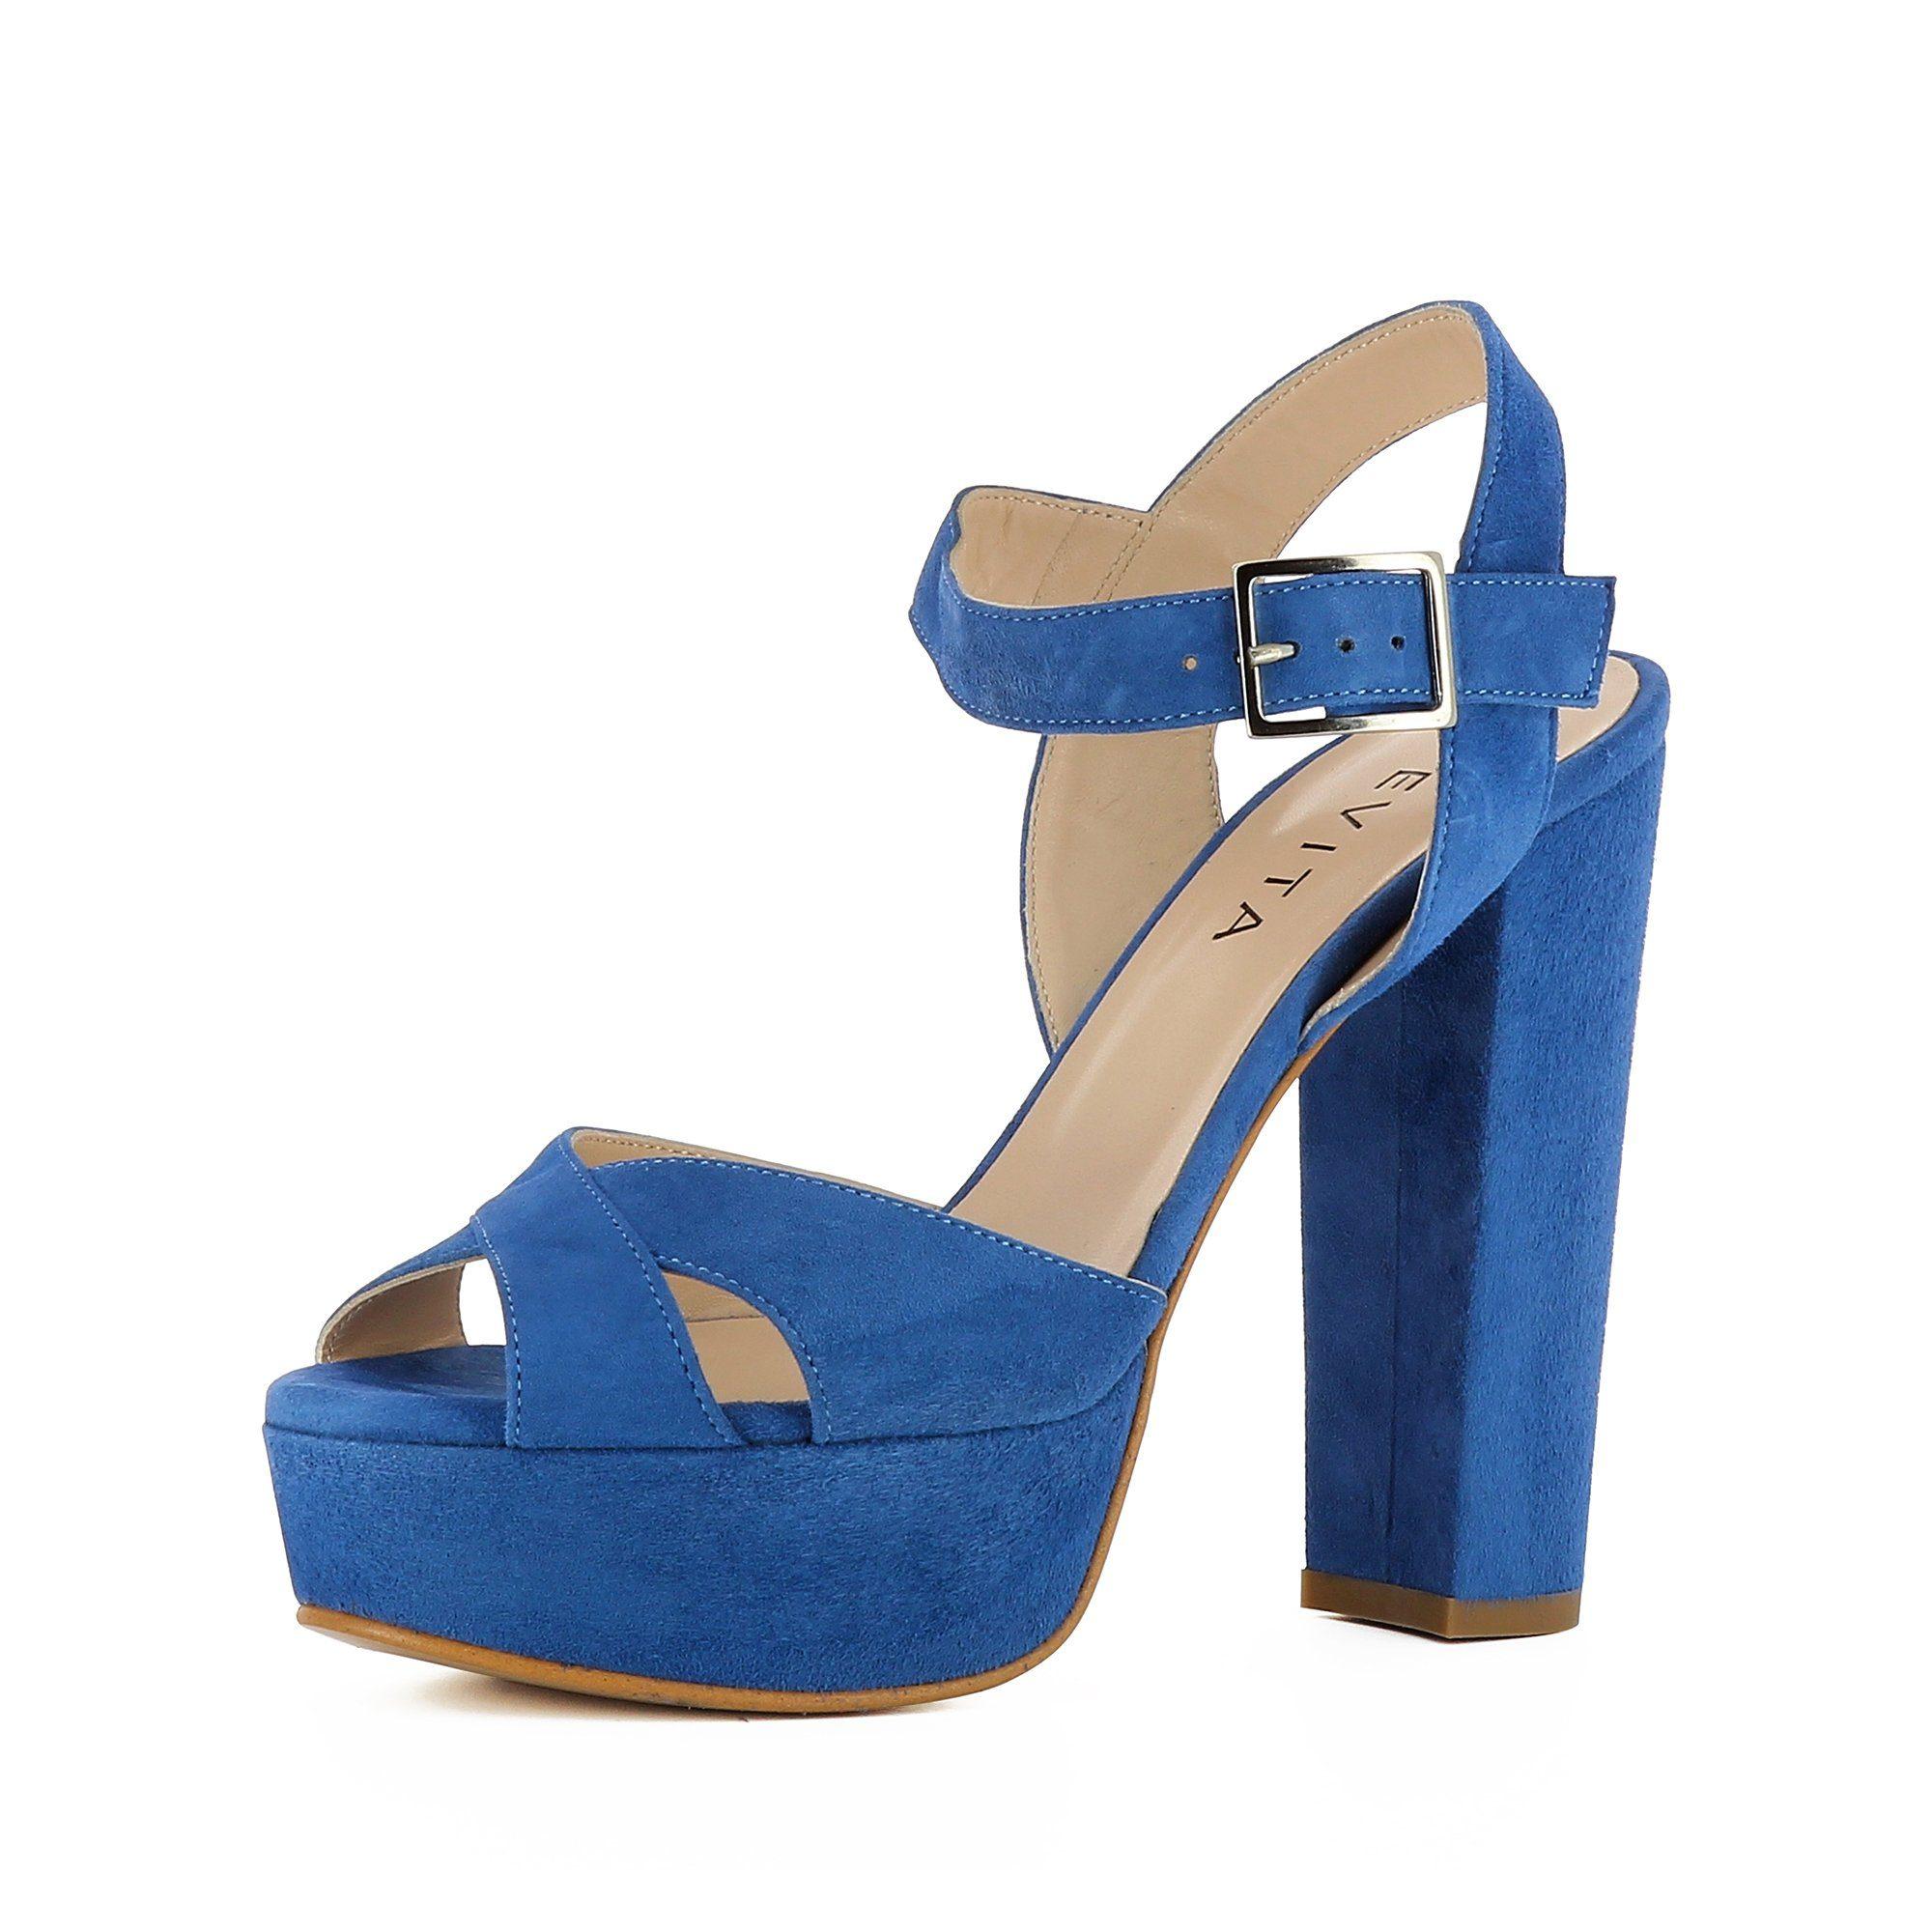 Evita LANA Sandalette online kaufen  blau